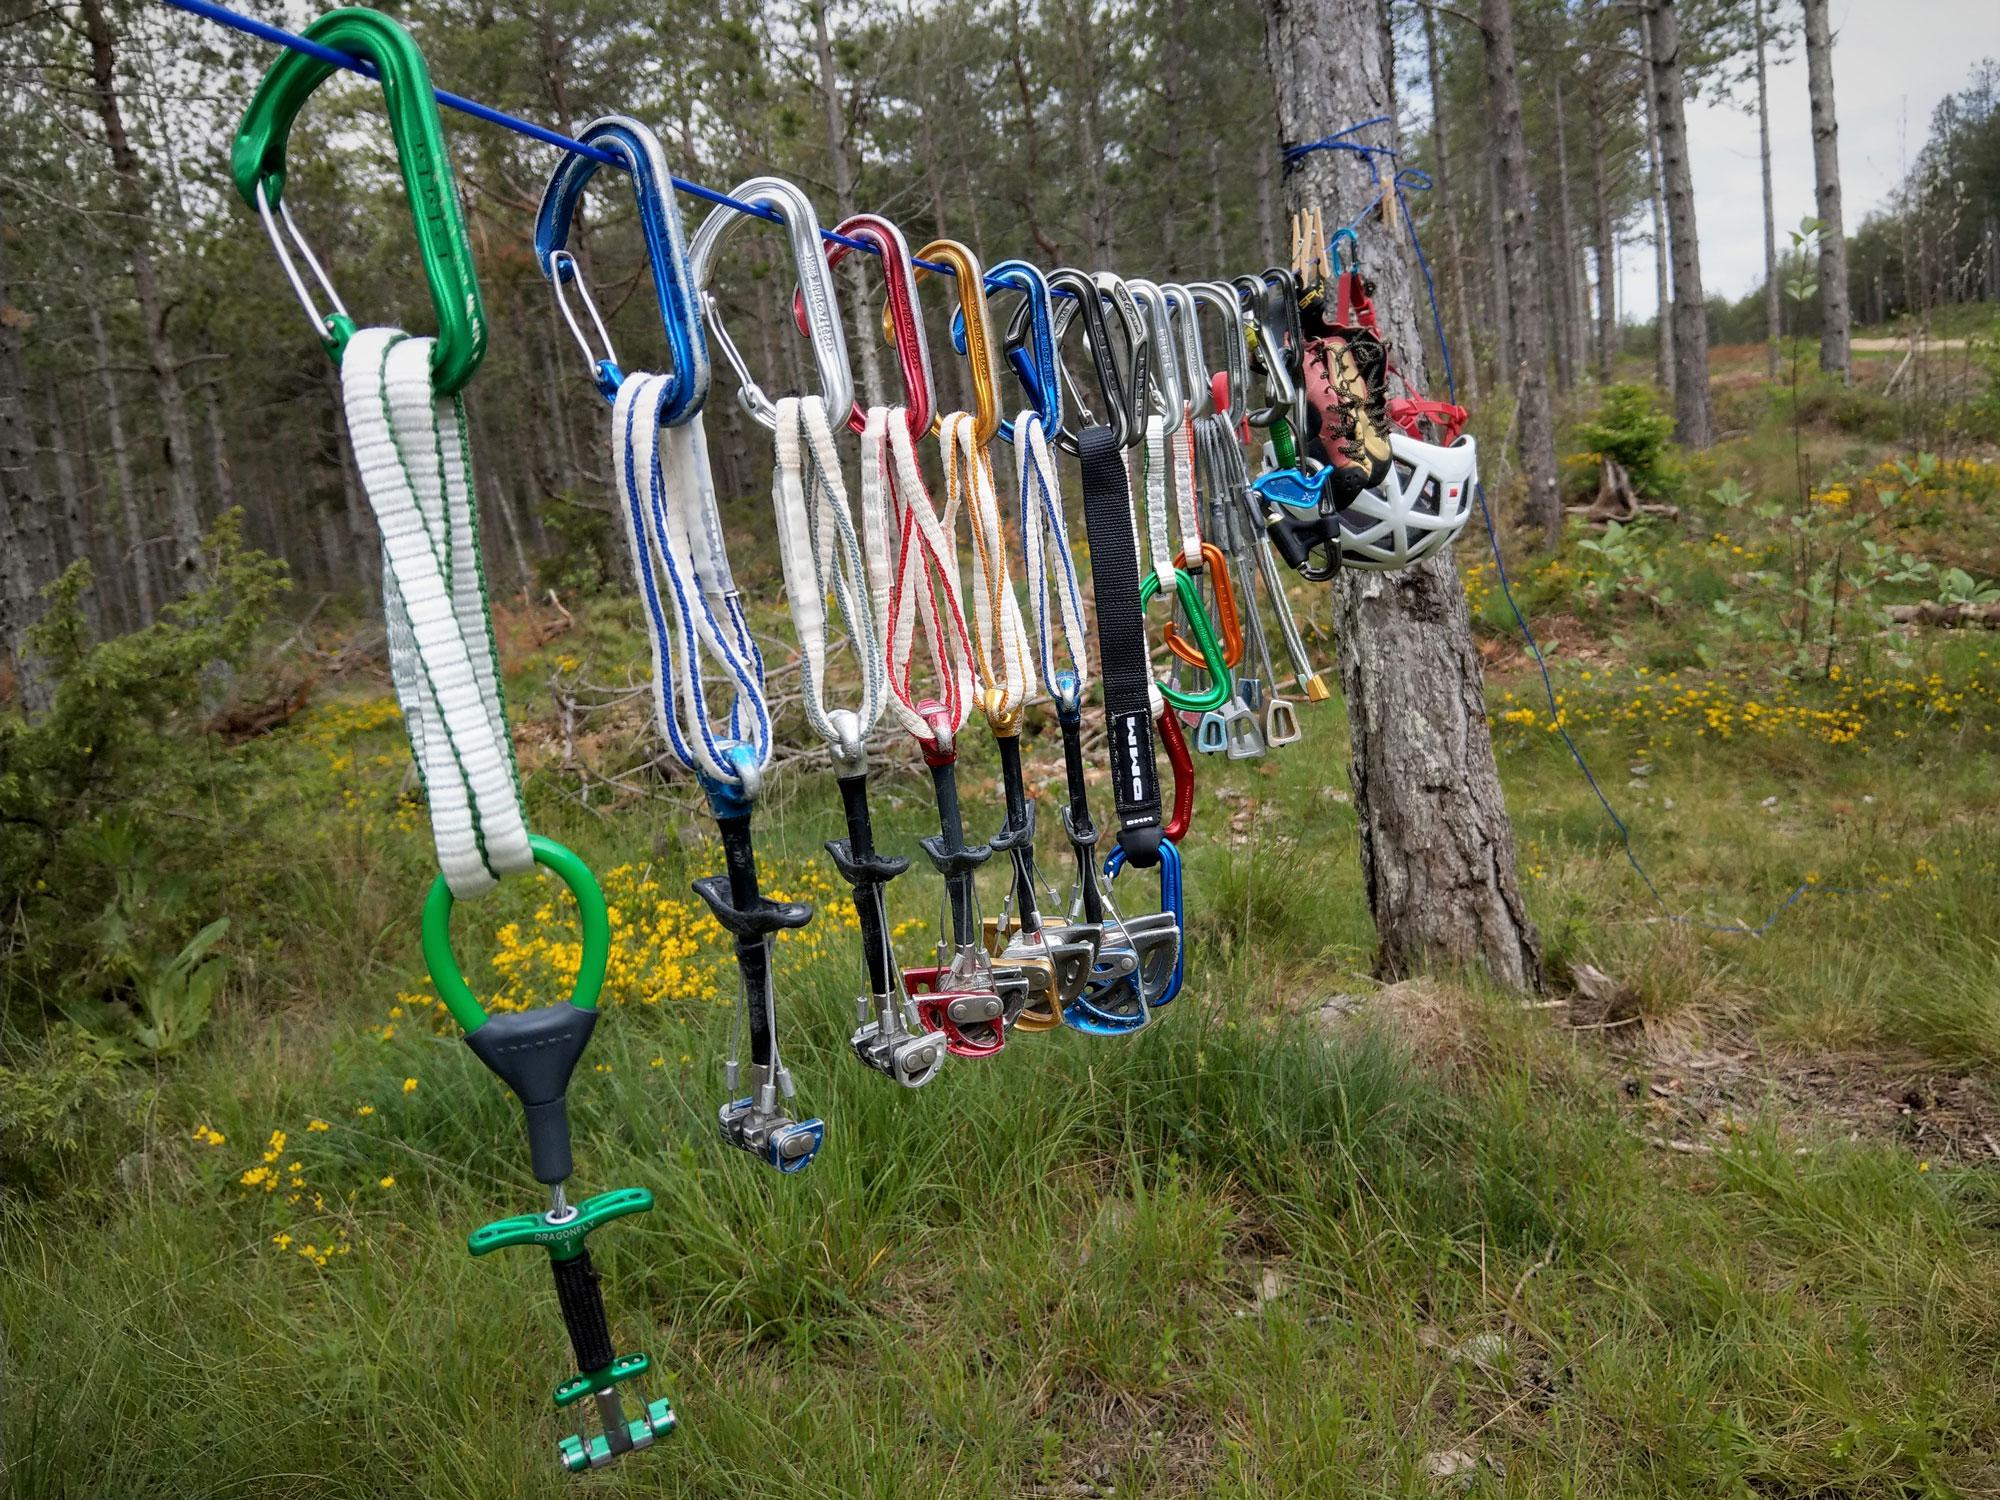 """Zur """"PSA-Quarantäne"""" hängt man das Klettermaterial einfach an einen luftigen Ort. Foto: Alex Schweikart"""